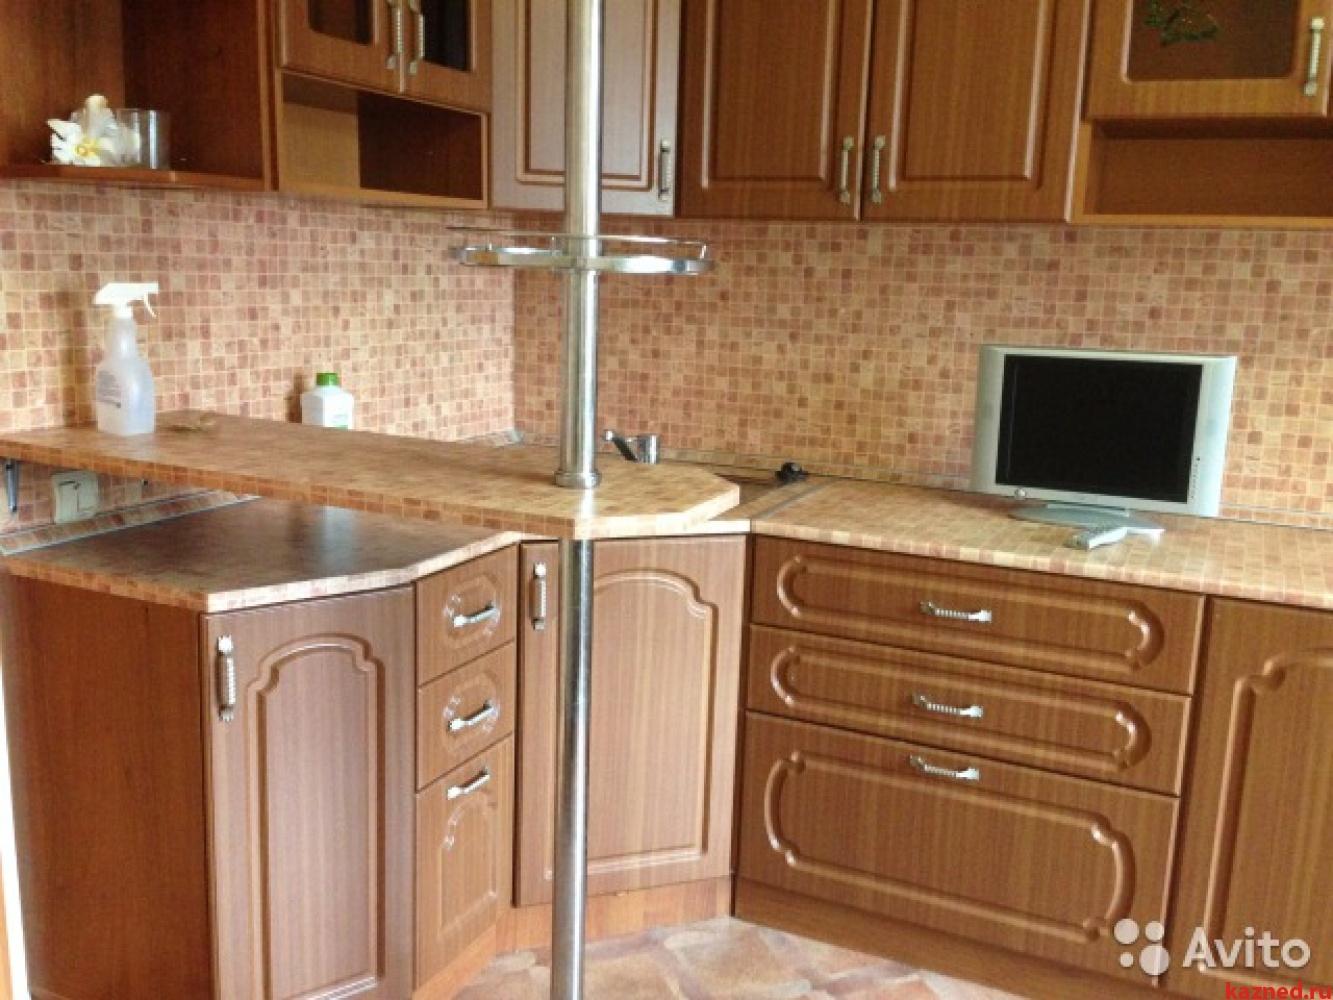 Продажа 1-к квартиры ленинградская 22, 44 м² (миниатюра №3)